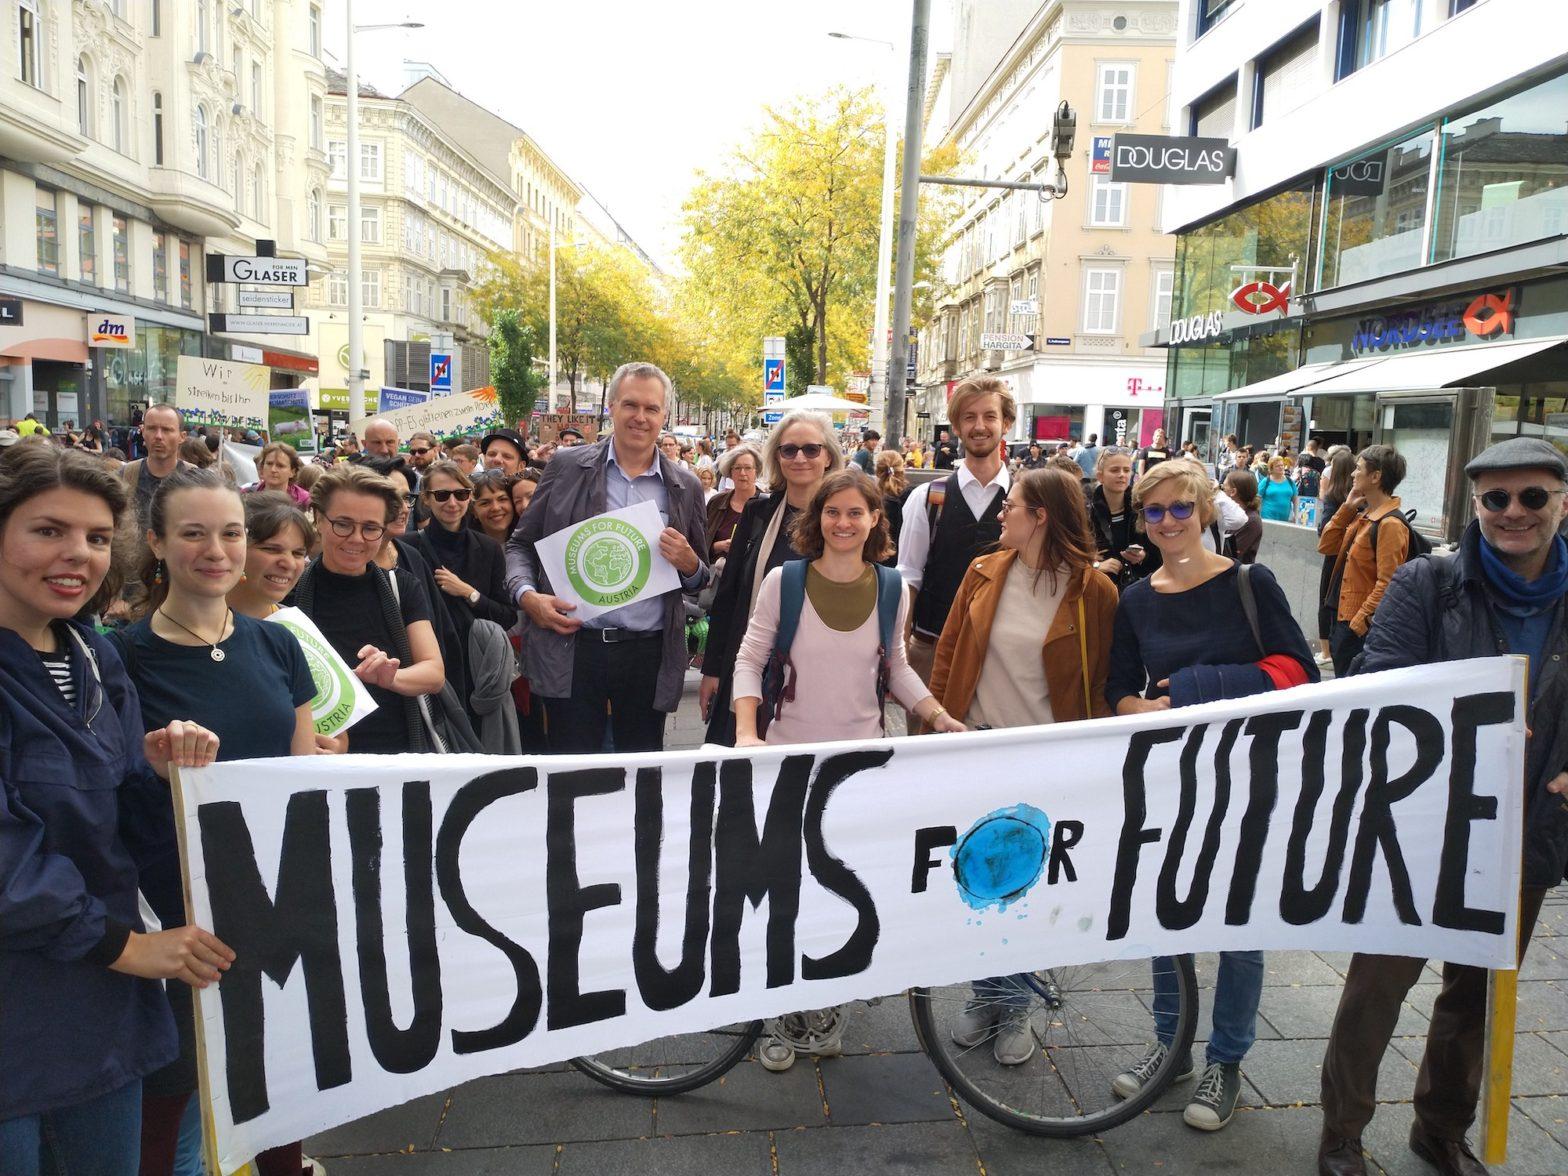 """Foto einer Gruppe von Demonstrierenden bei der Fridays for Future-Demonstration am 27. September 2019 mit dem selbstgemalten Transparent """"Museums for Future""""."""